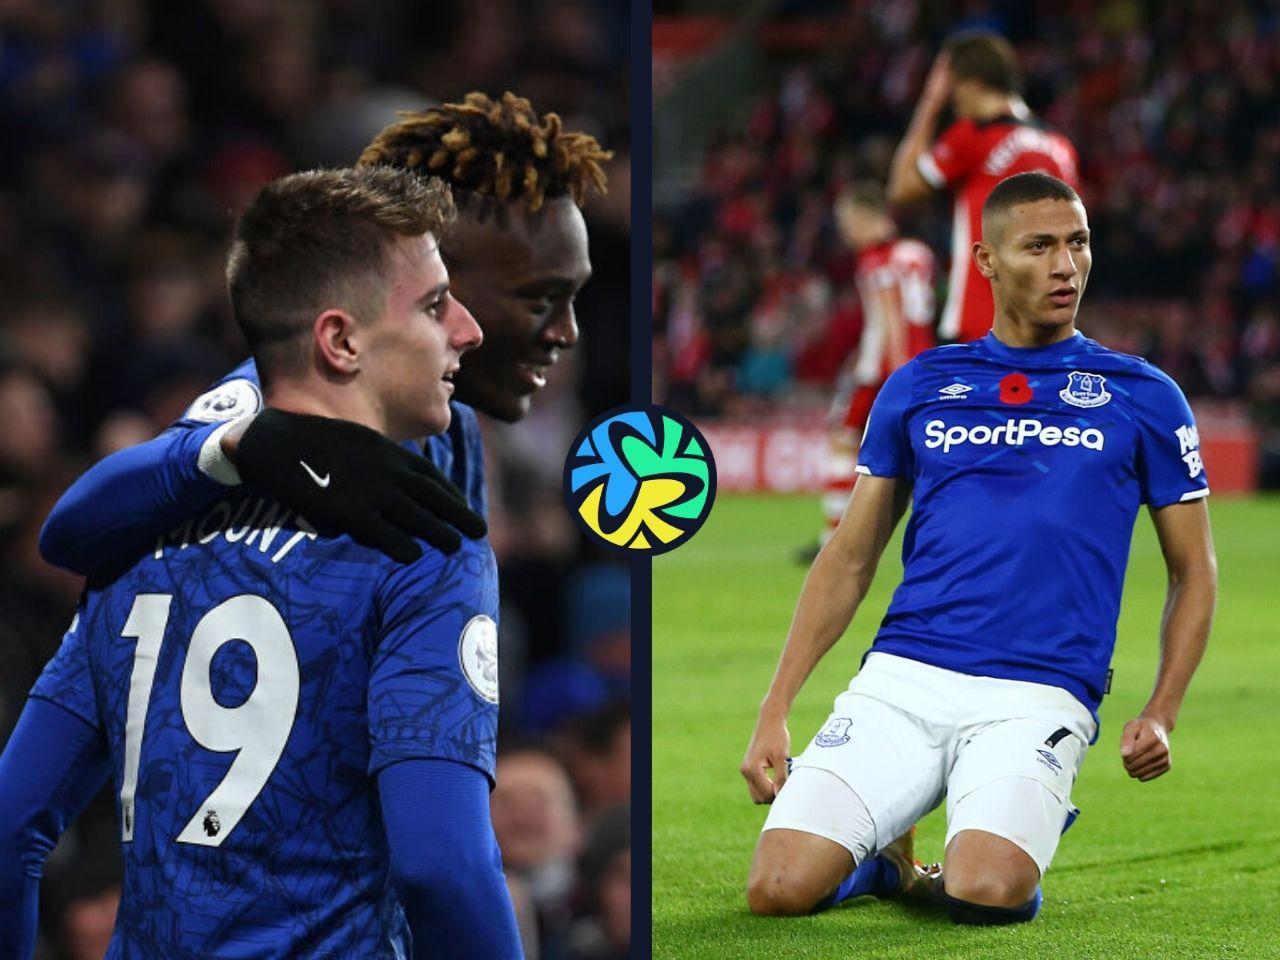 Match Preview: Everton vs Chelsea - ronaldo.com